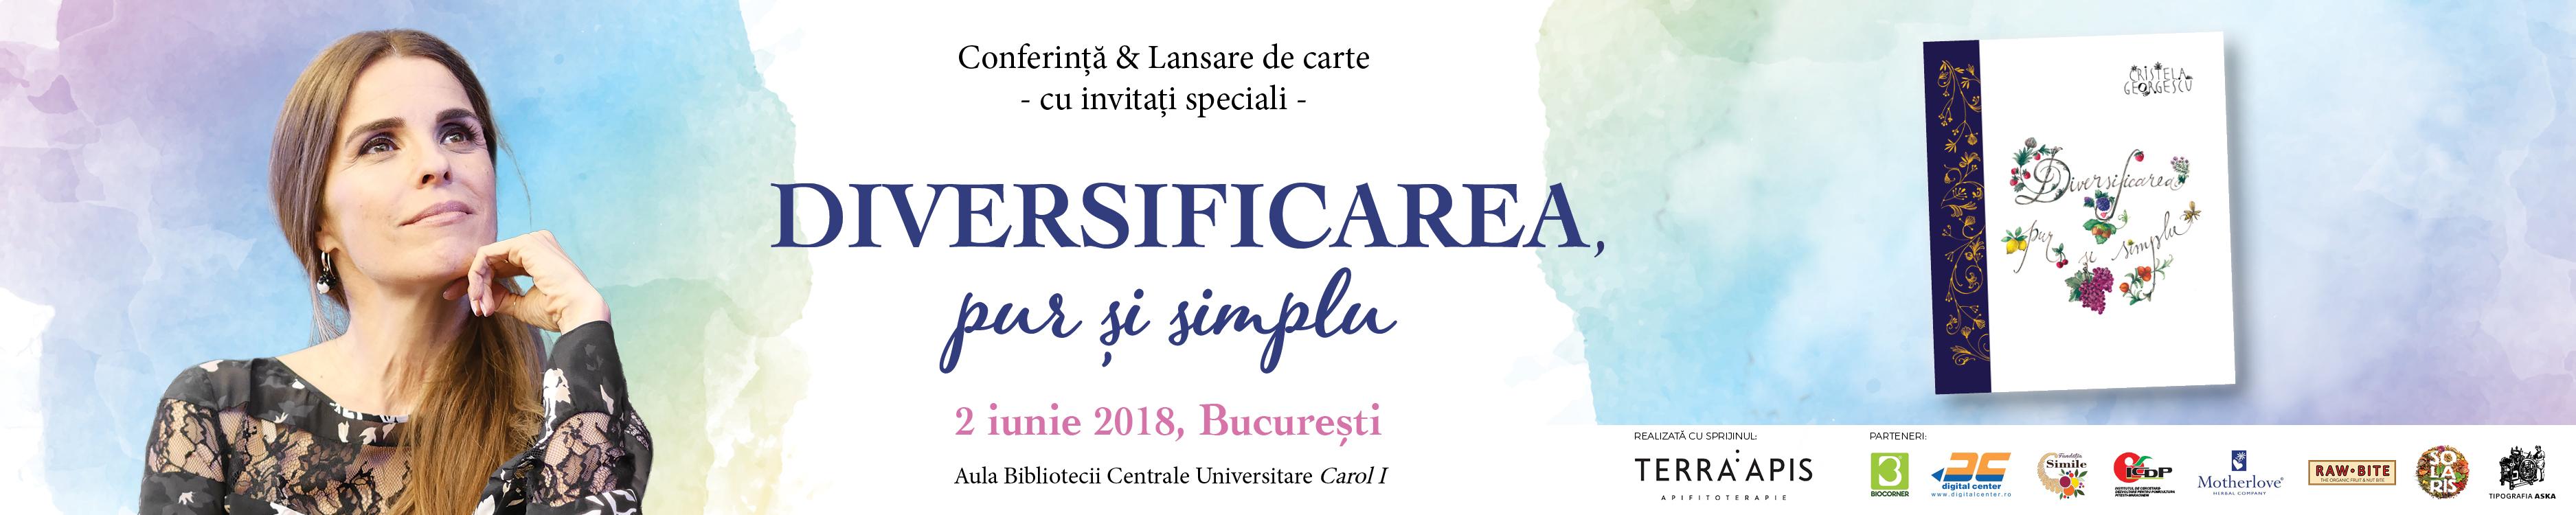 Conferinta 2 iunie